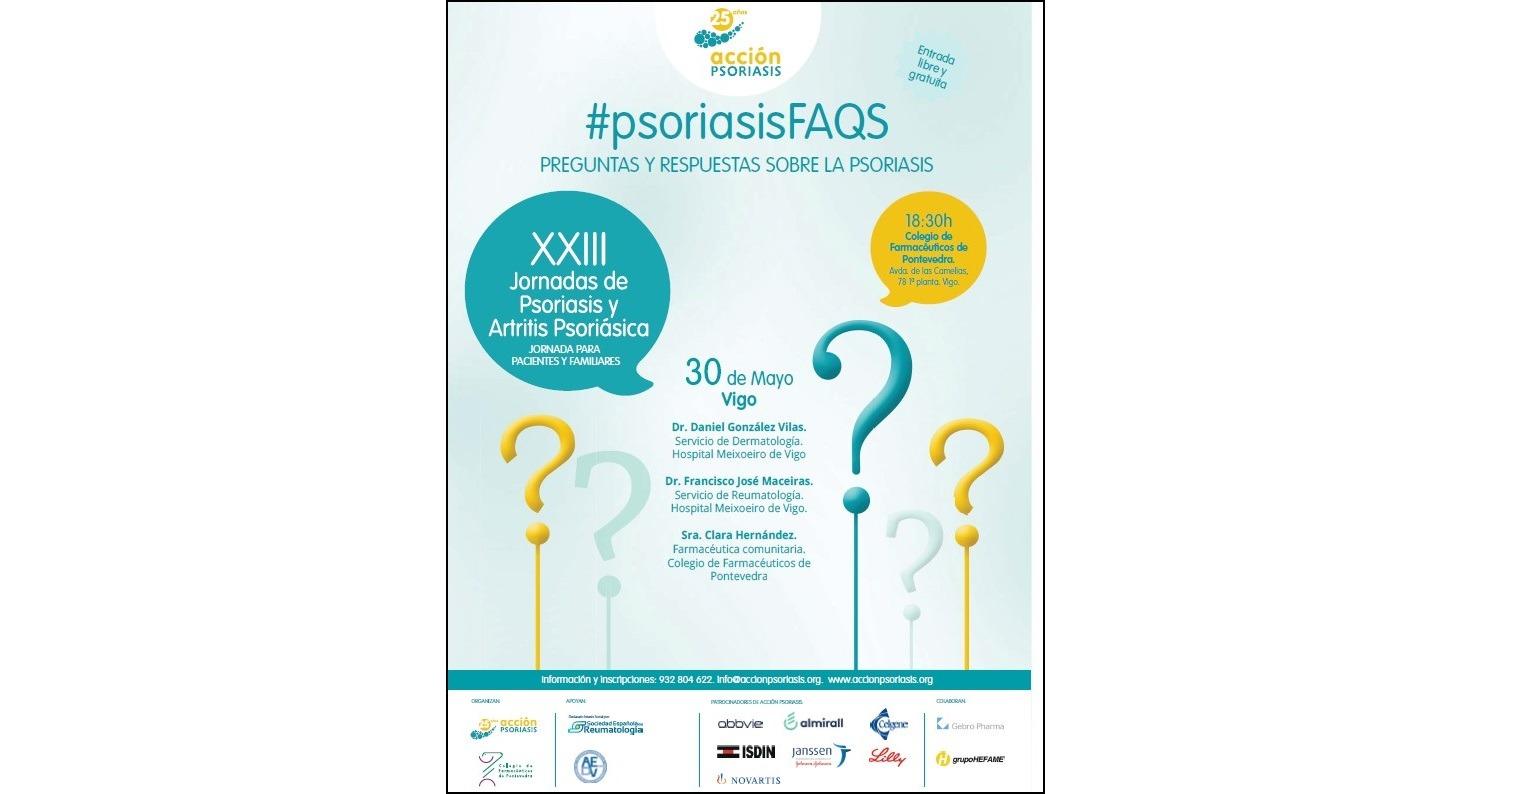 XXIII Jornadas de psoriasis y artritis psoriásica